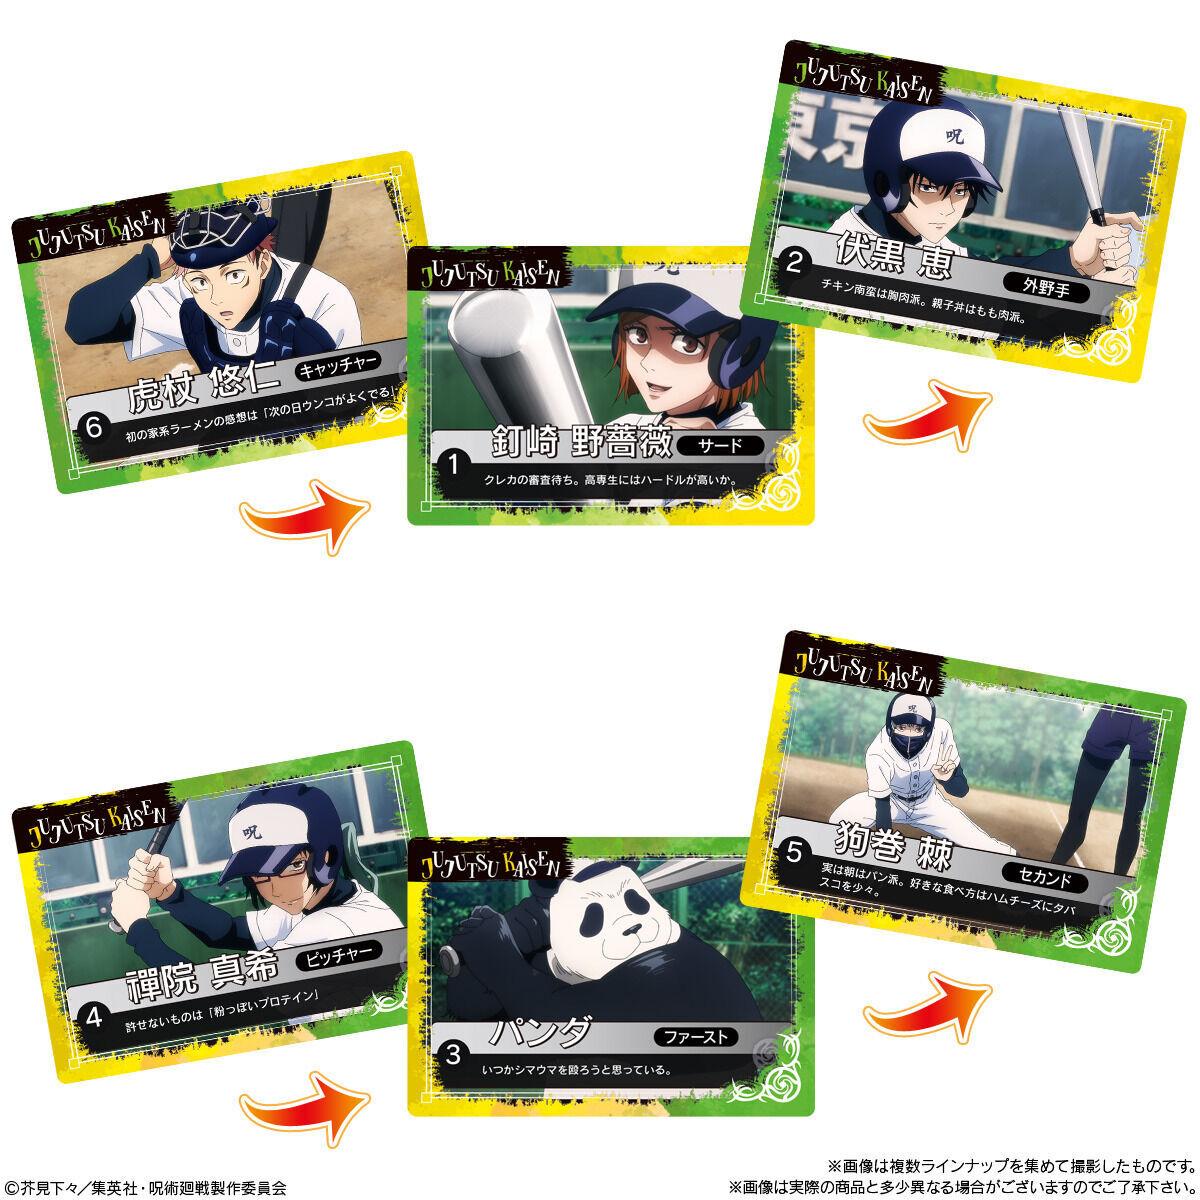 【食玩】呪術廻戦『呪術廻戦 PLAY BACKカードチョコスナック2』10個入りBOX-008